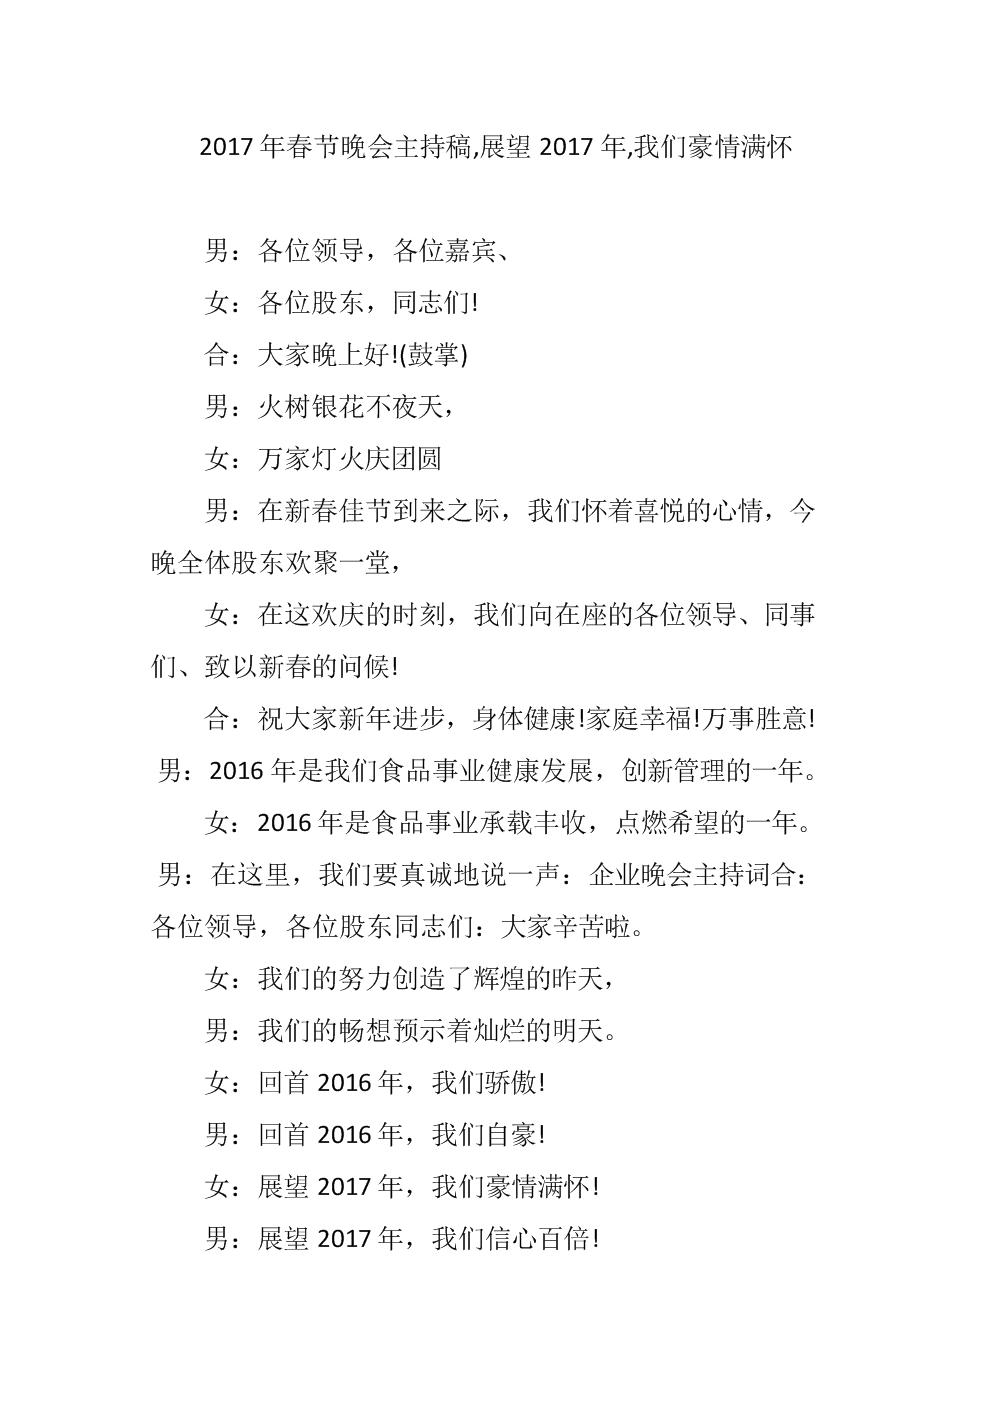 2019晚会主持词—展望2017年,我们豪情满怀-.docx